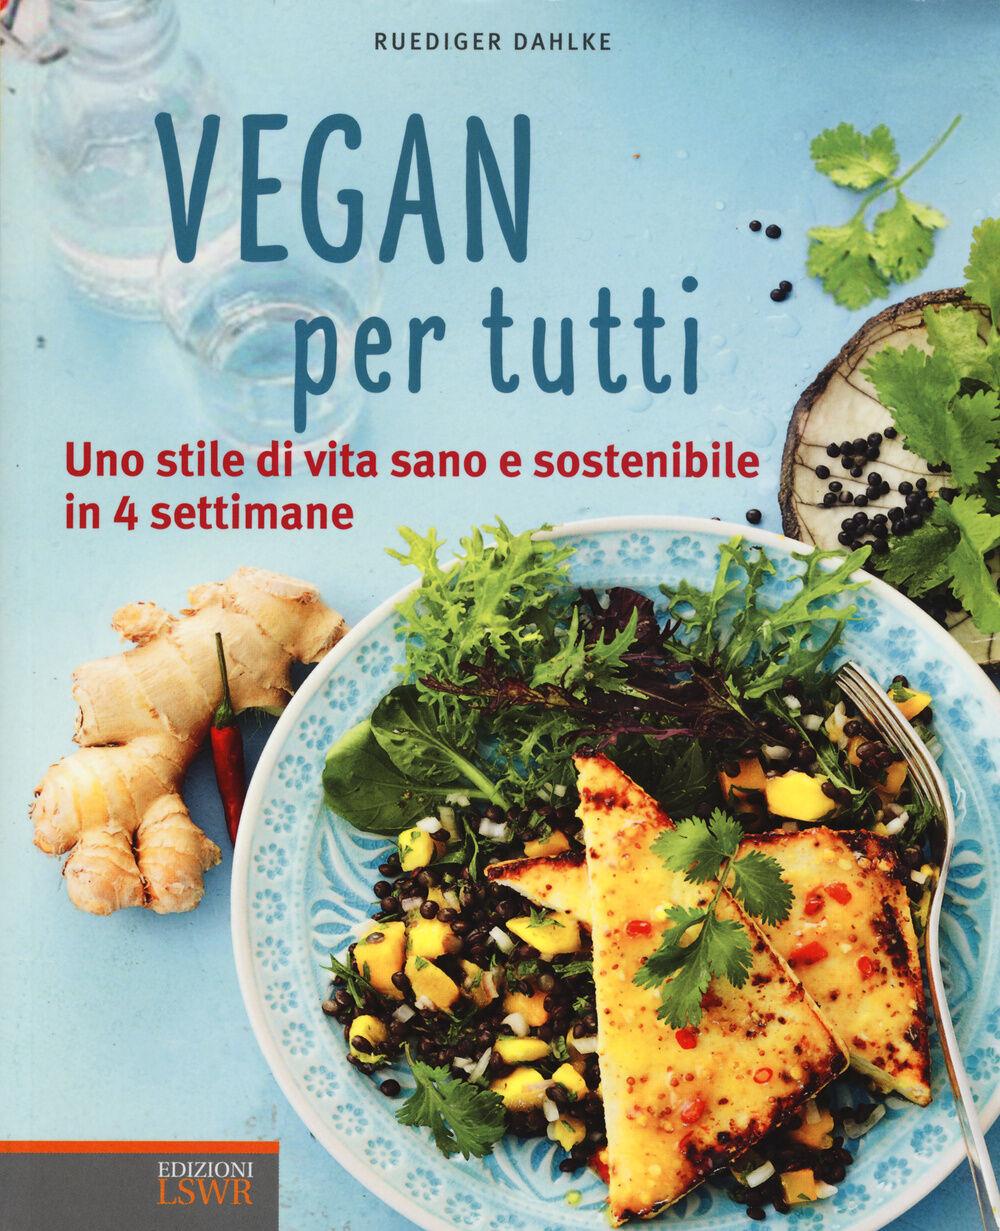 Vegan per tutti. Uno stile di vita sano e sostenibile in 4 settimane